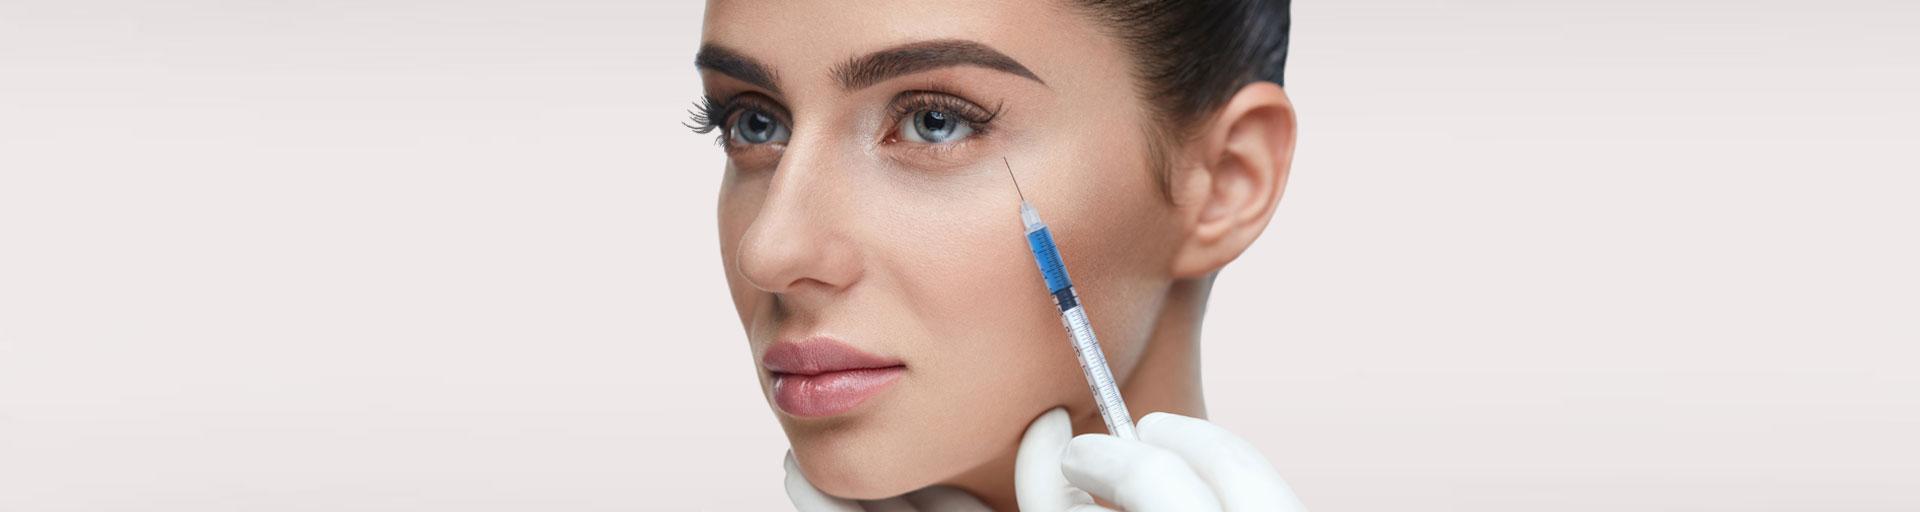 faltenbehandlung-aesthetische-chirurgie-b